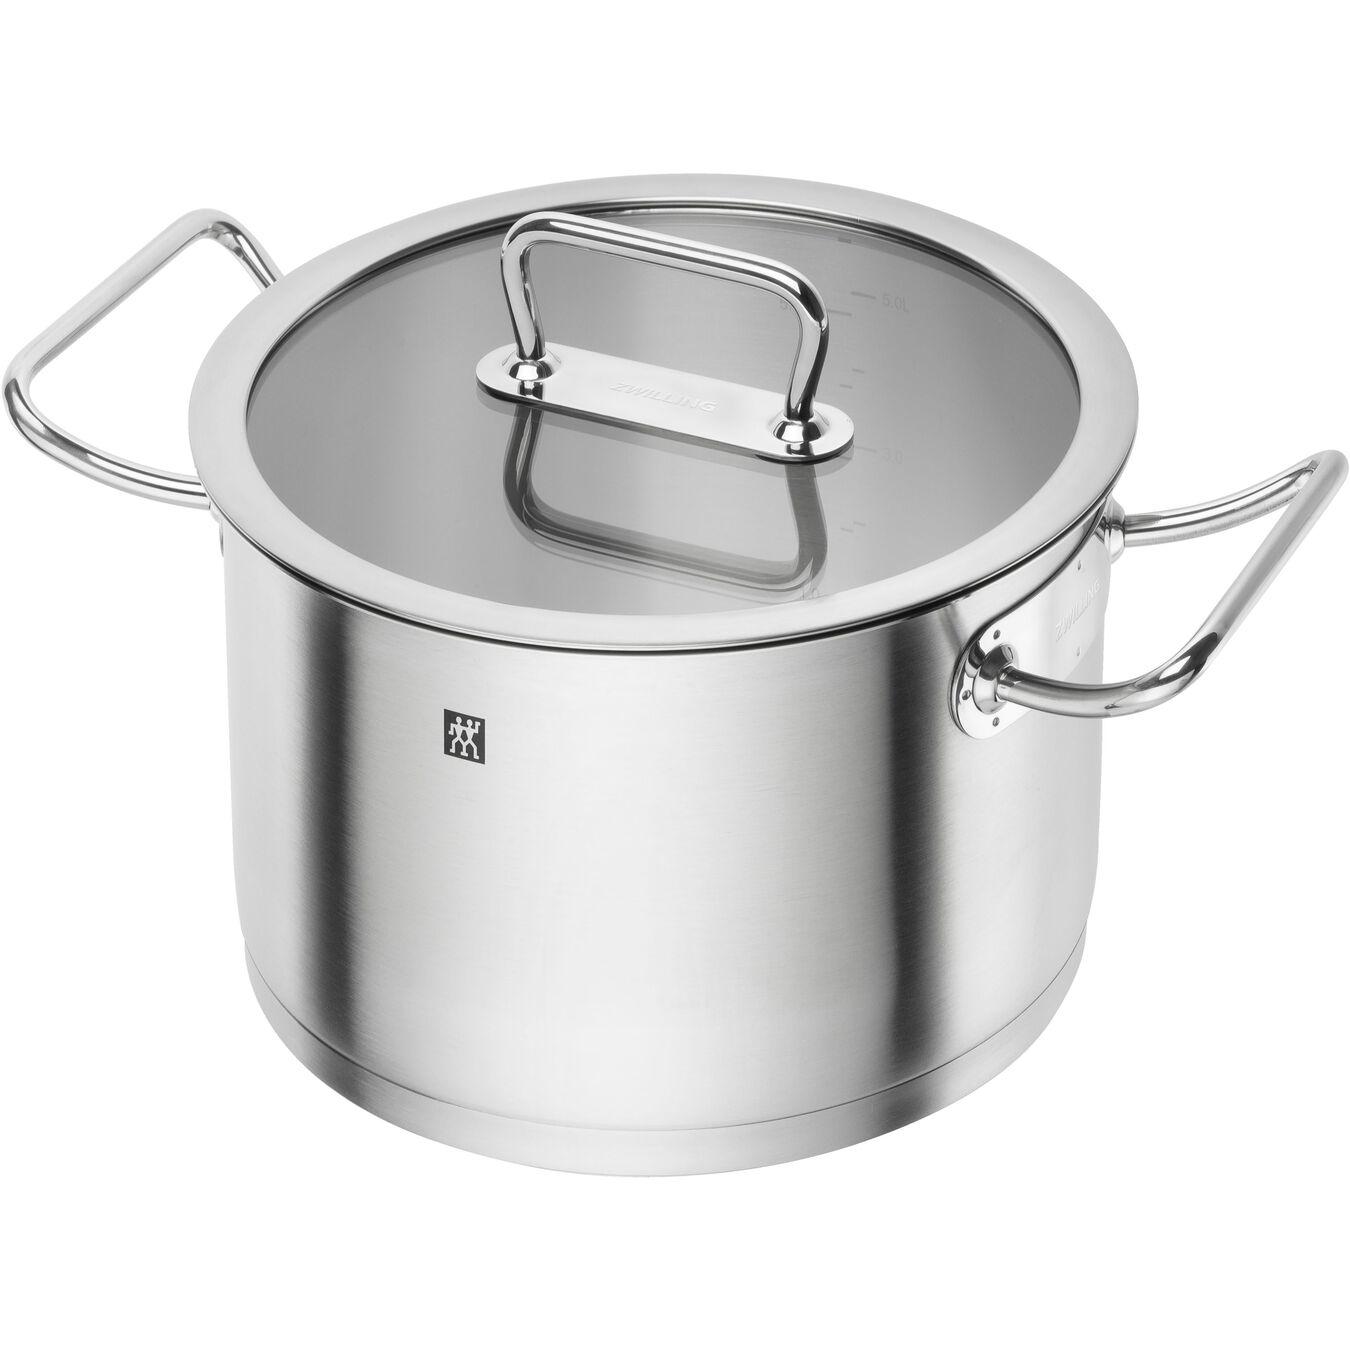 Ensemble de casseroles 5-pcs, Inox 18/10,,large 11